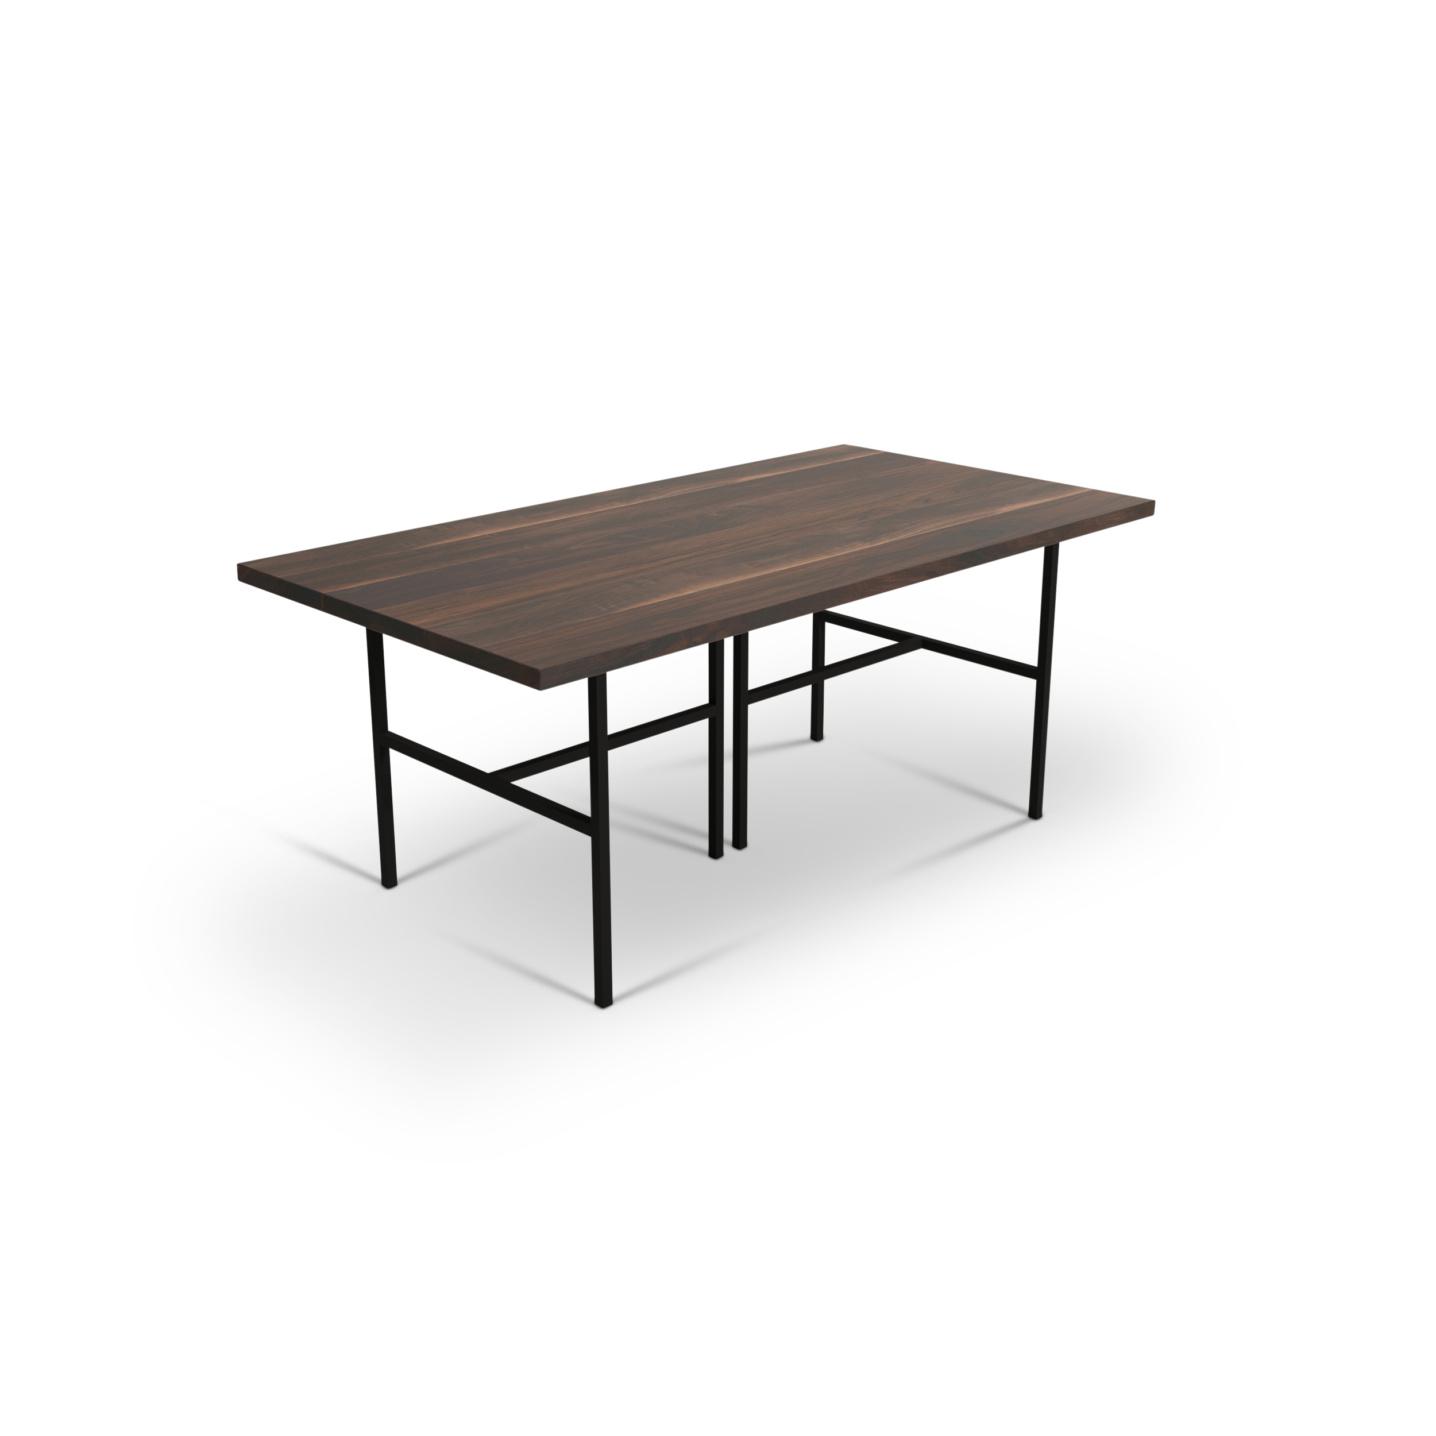 6 foot walnut table on black metal legs